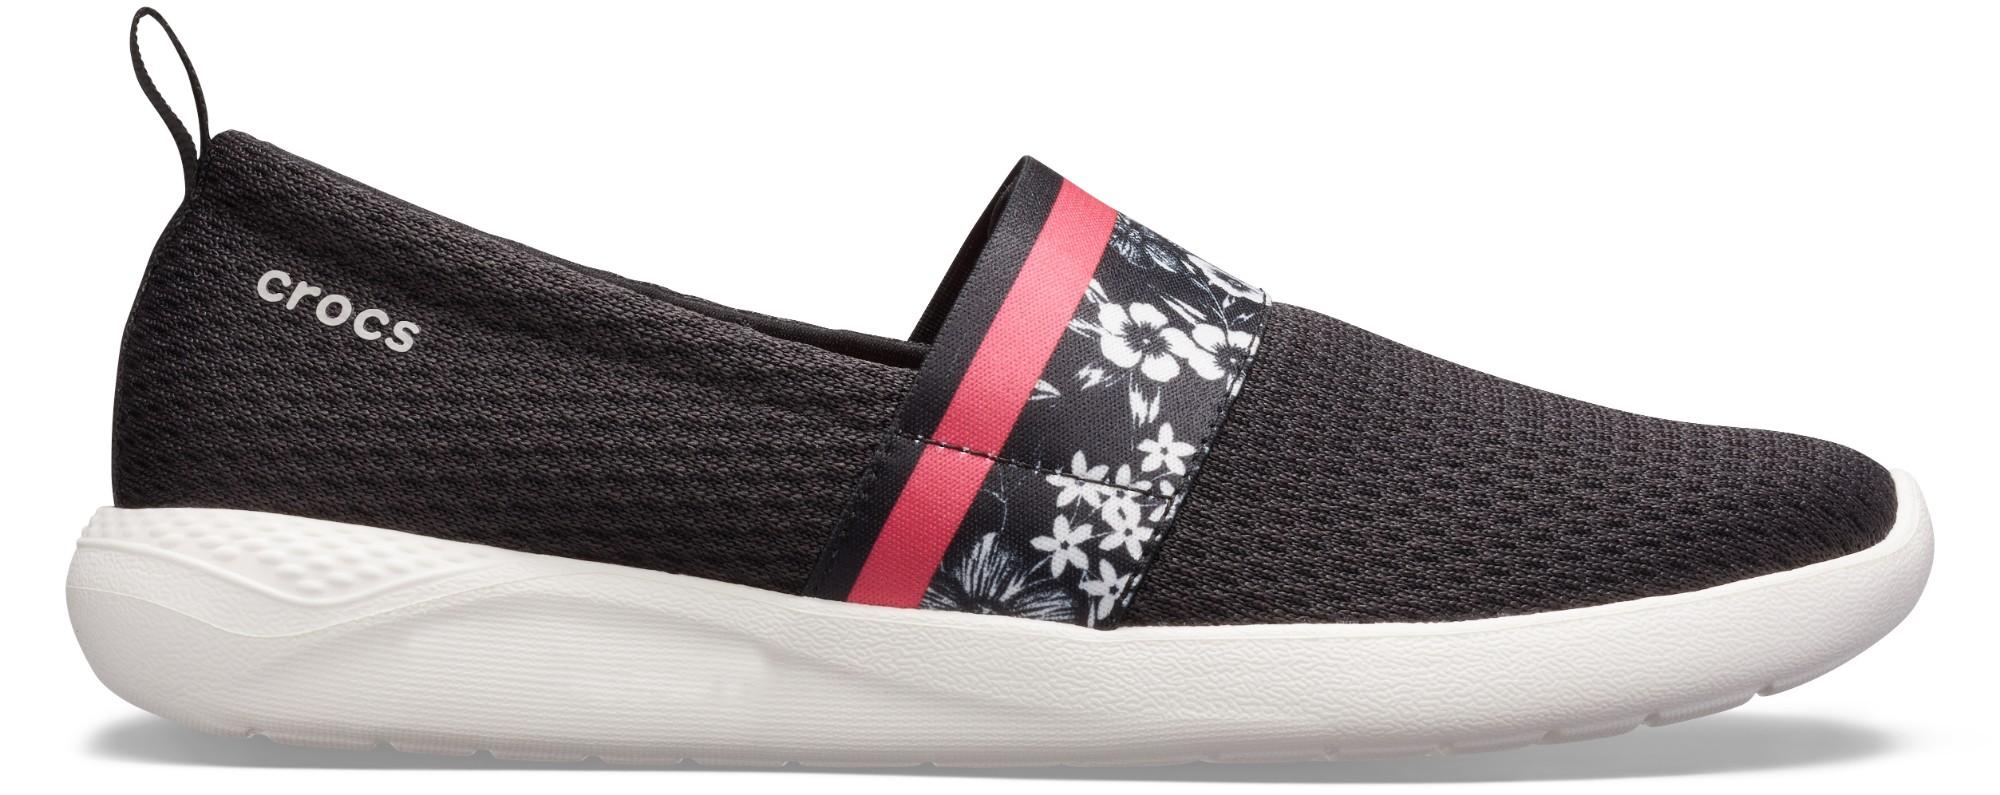 Crocs™ LiteRide Hyper Floral SlipOn Women's Black/White 42,5